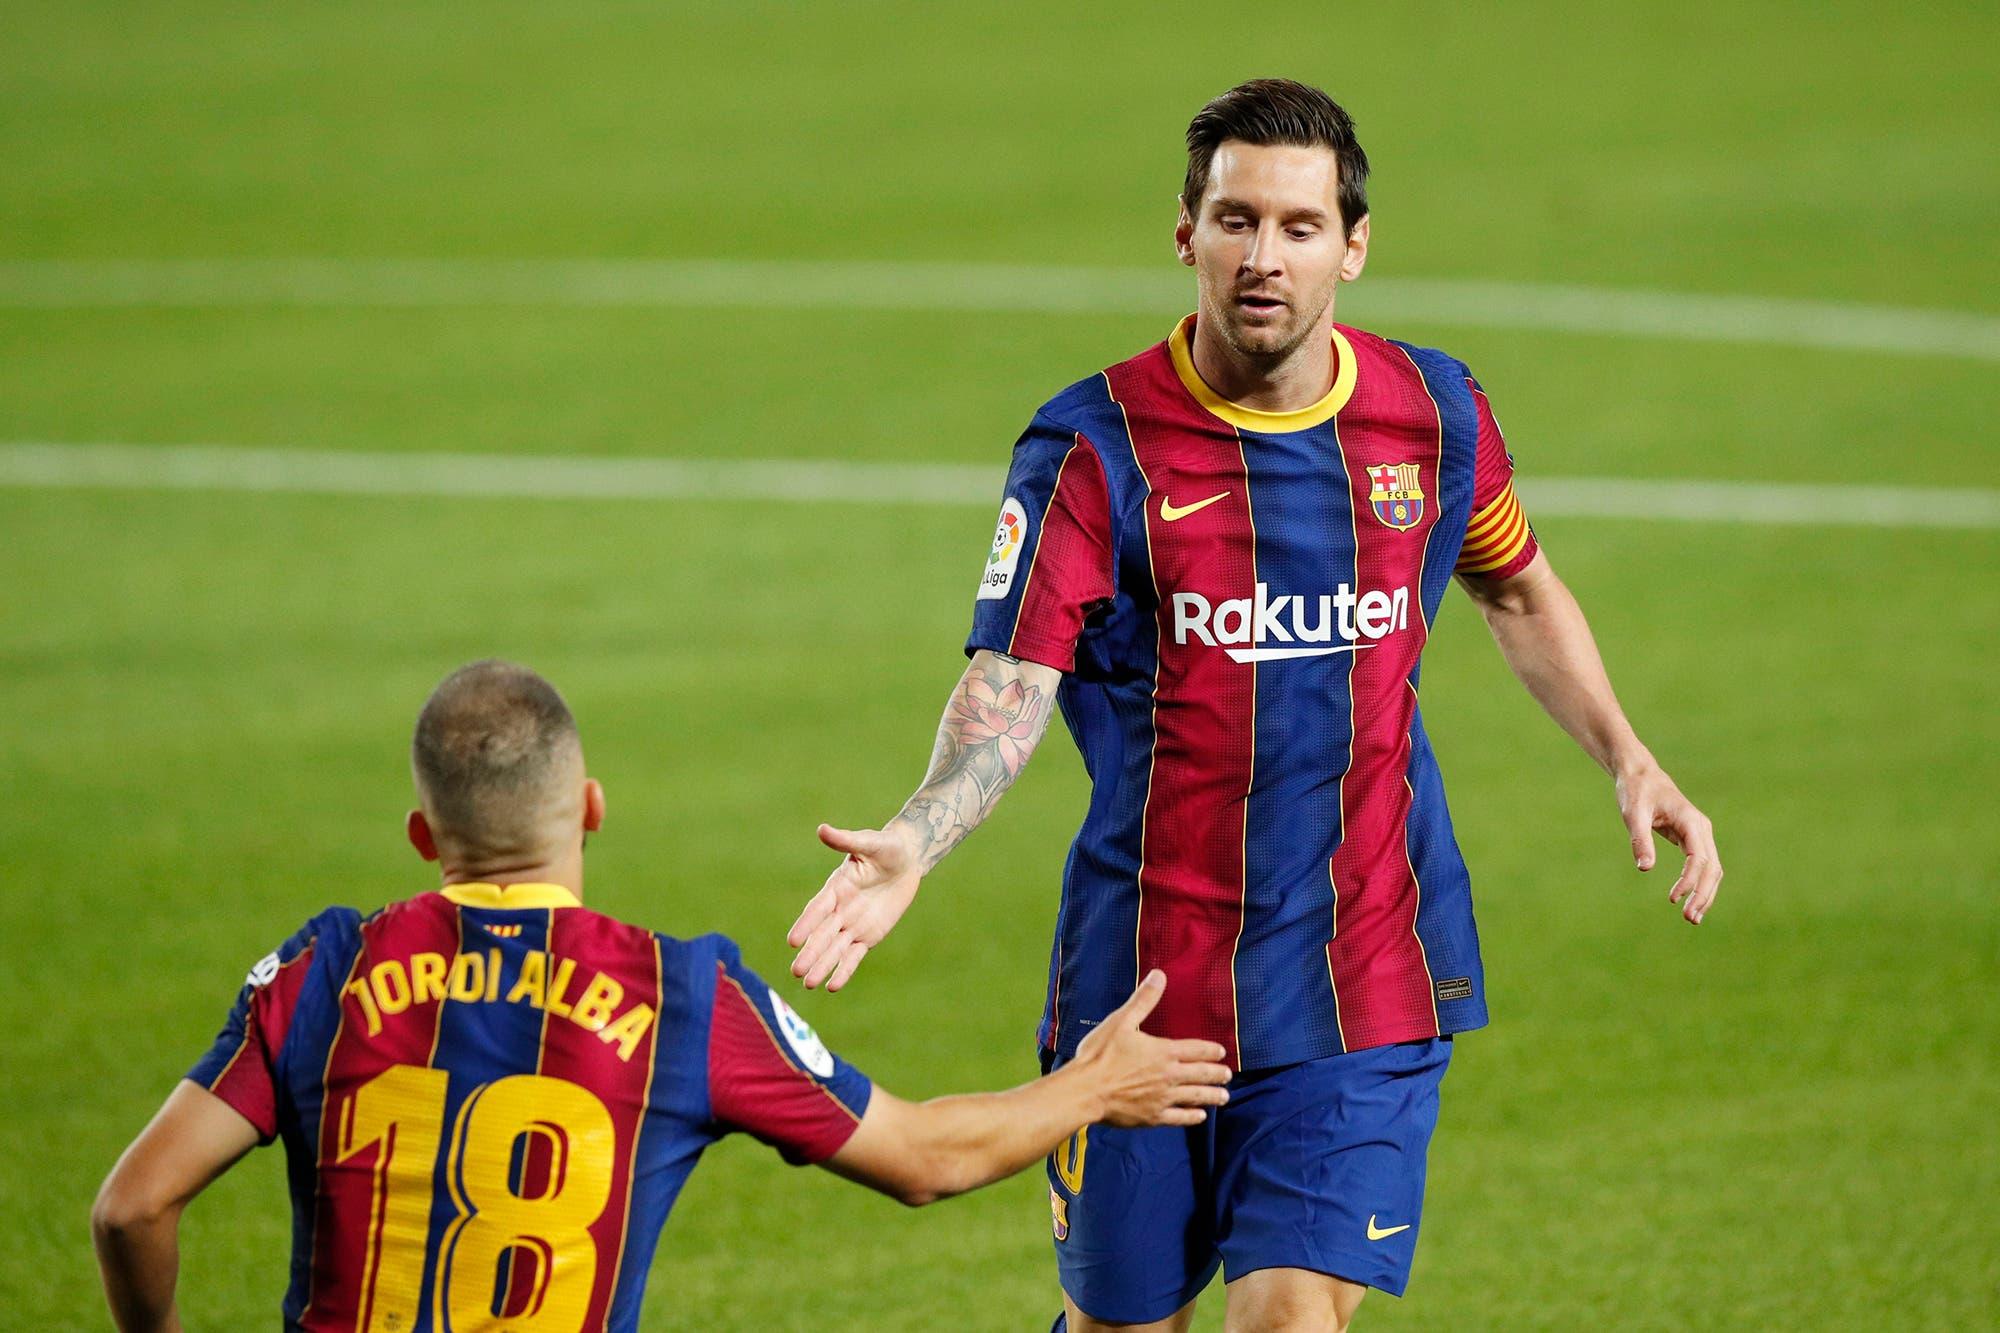 Celta-Barcelona, por la Liga de España: horario, TV y formaciones del partido, con Lionel Messi como titular